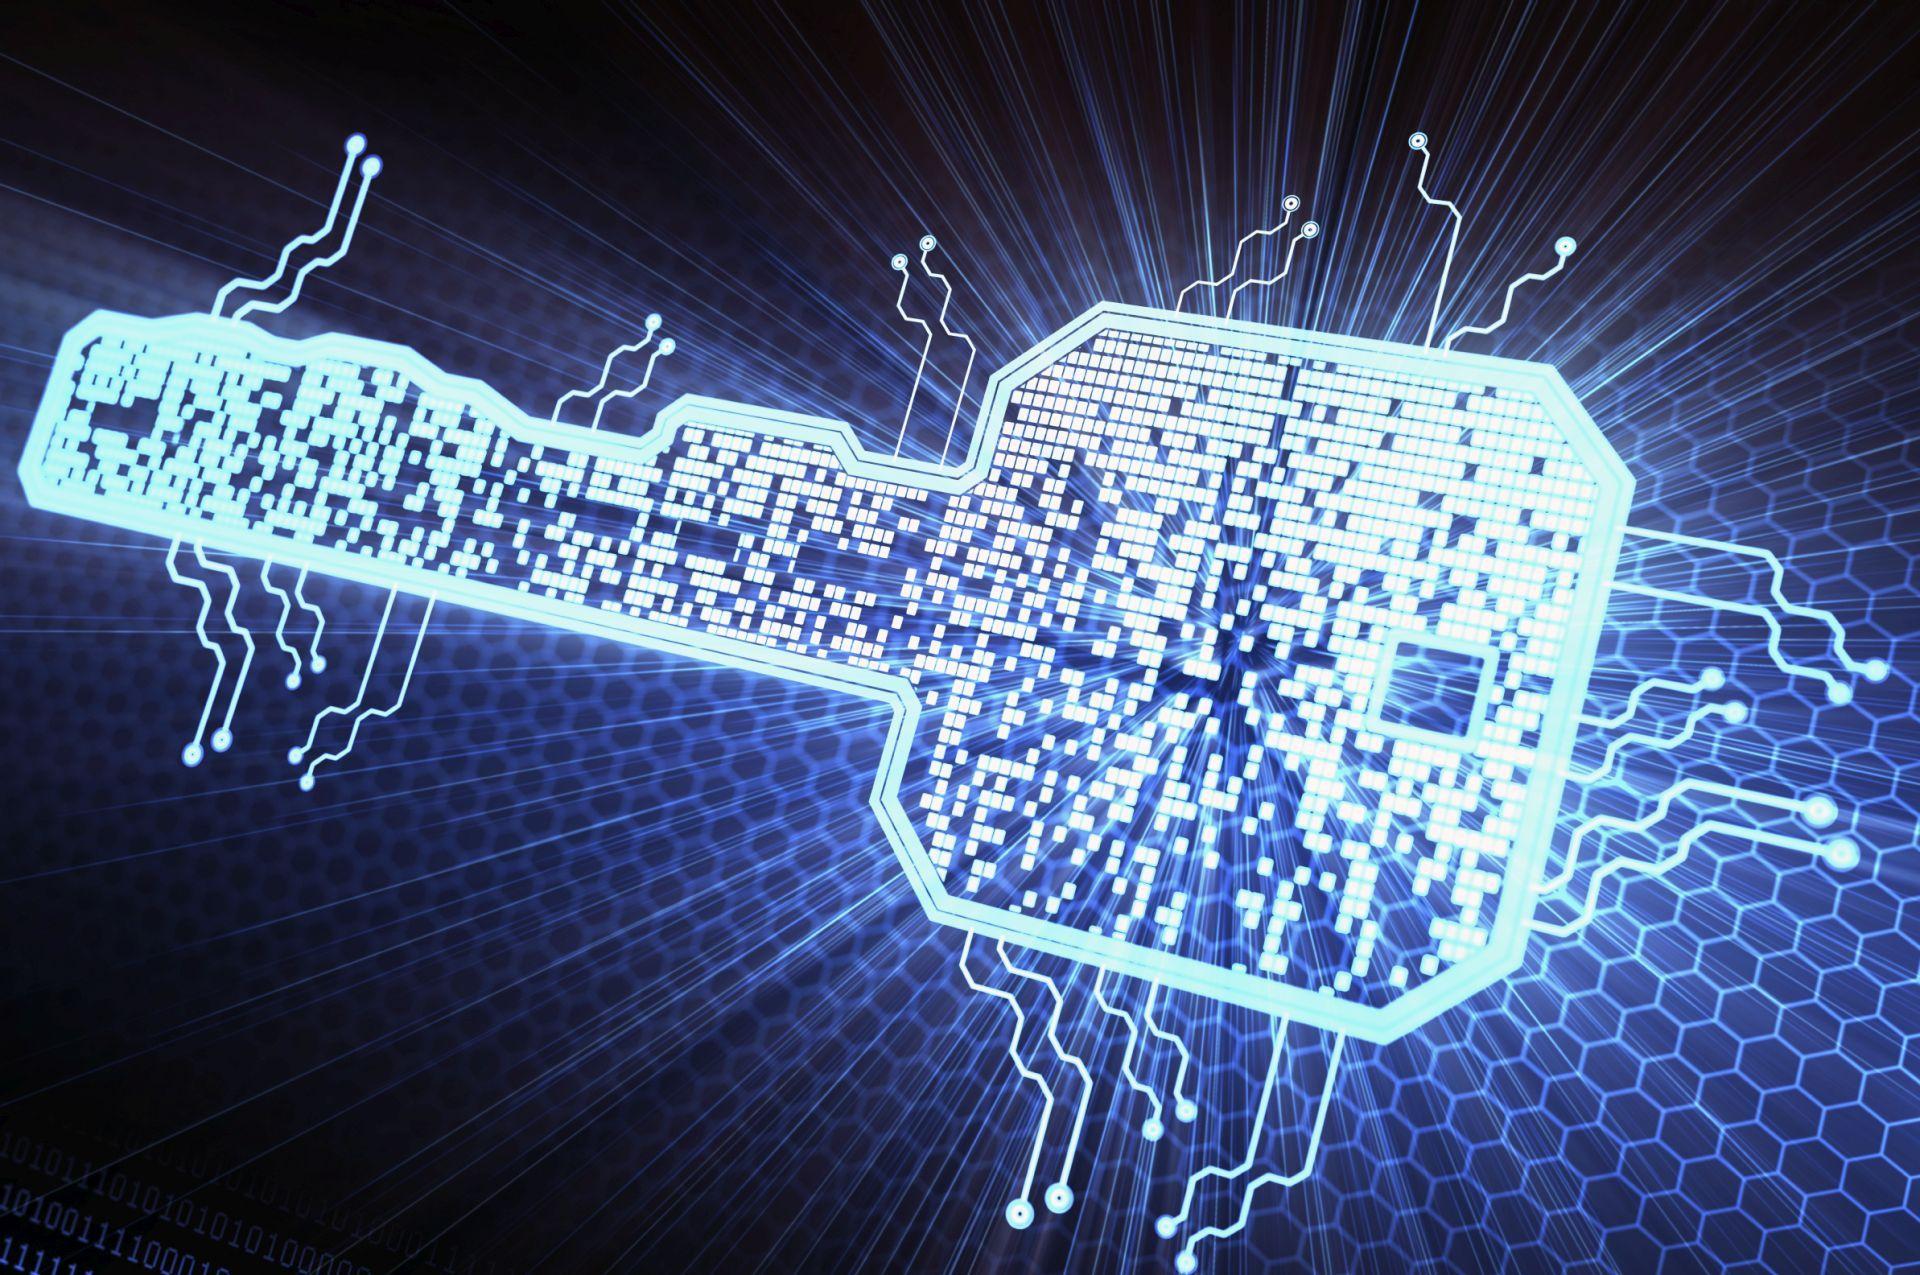 огромному, криптографический ключ картинка был великим